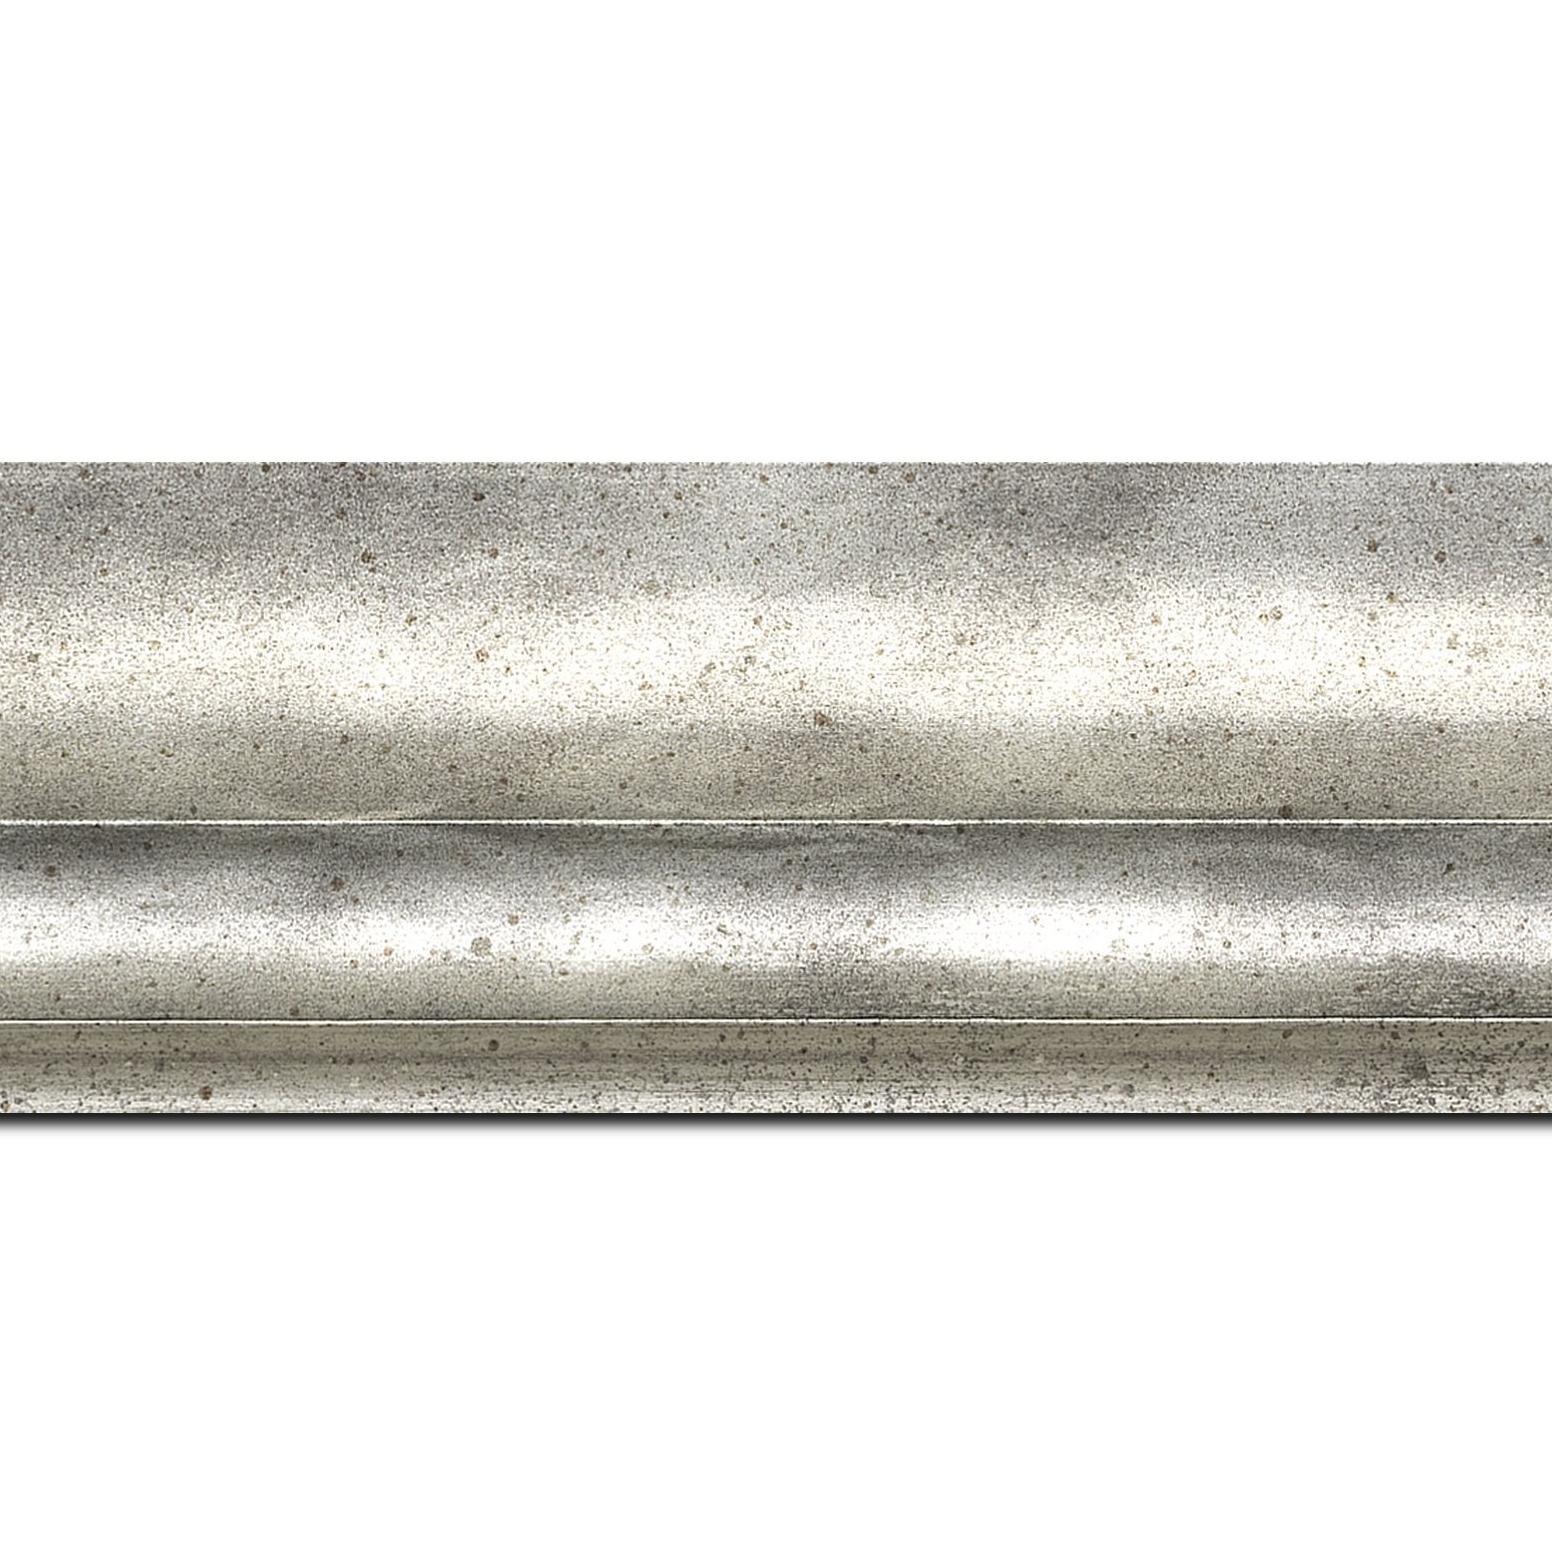 Pack par 12m, bois profil plat ondulé largeur 5.9cm argent chaud (longueur baguette pouvant varier entre 2.40m et 3m selon arrivage des bois)